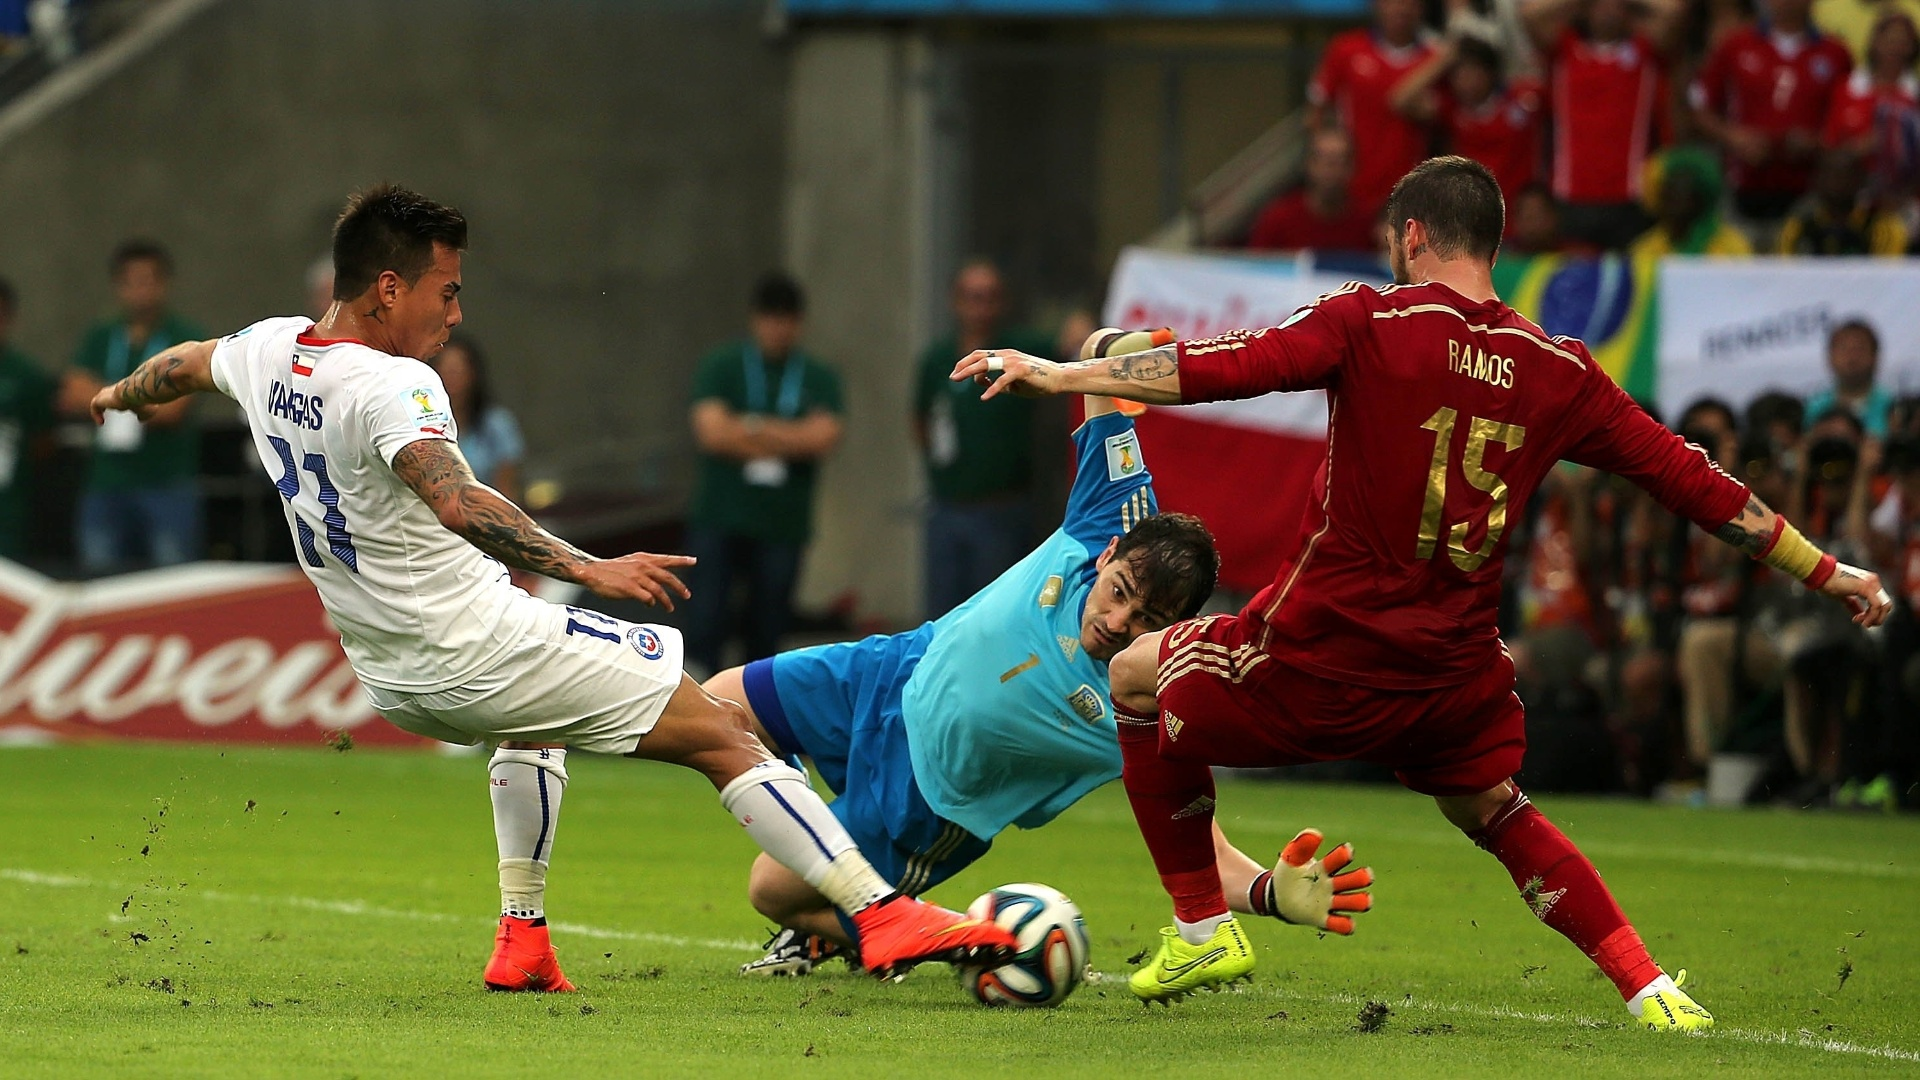 Vargas finaliza para colocar o Chile na frente da Espanha aos 19 minutos do primeiro tempo